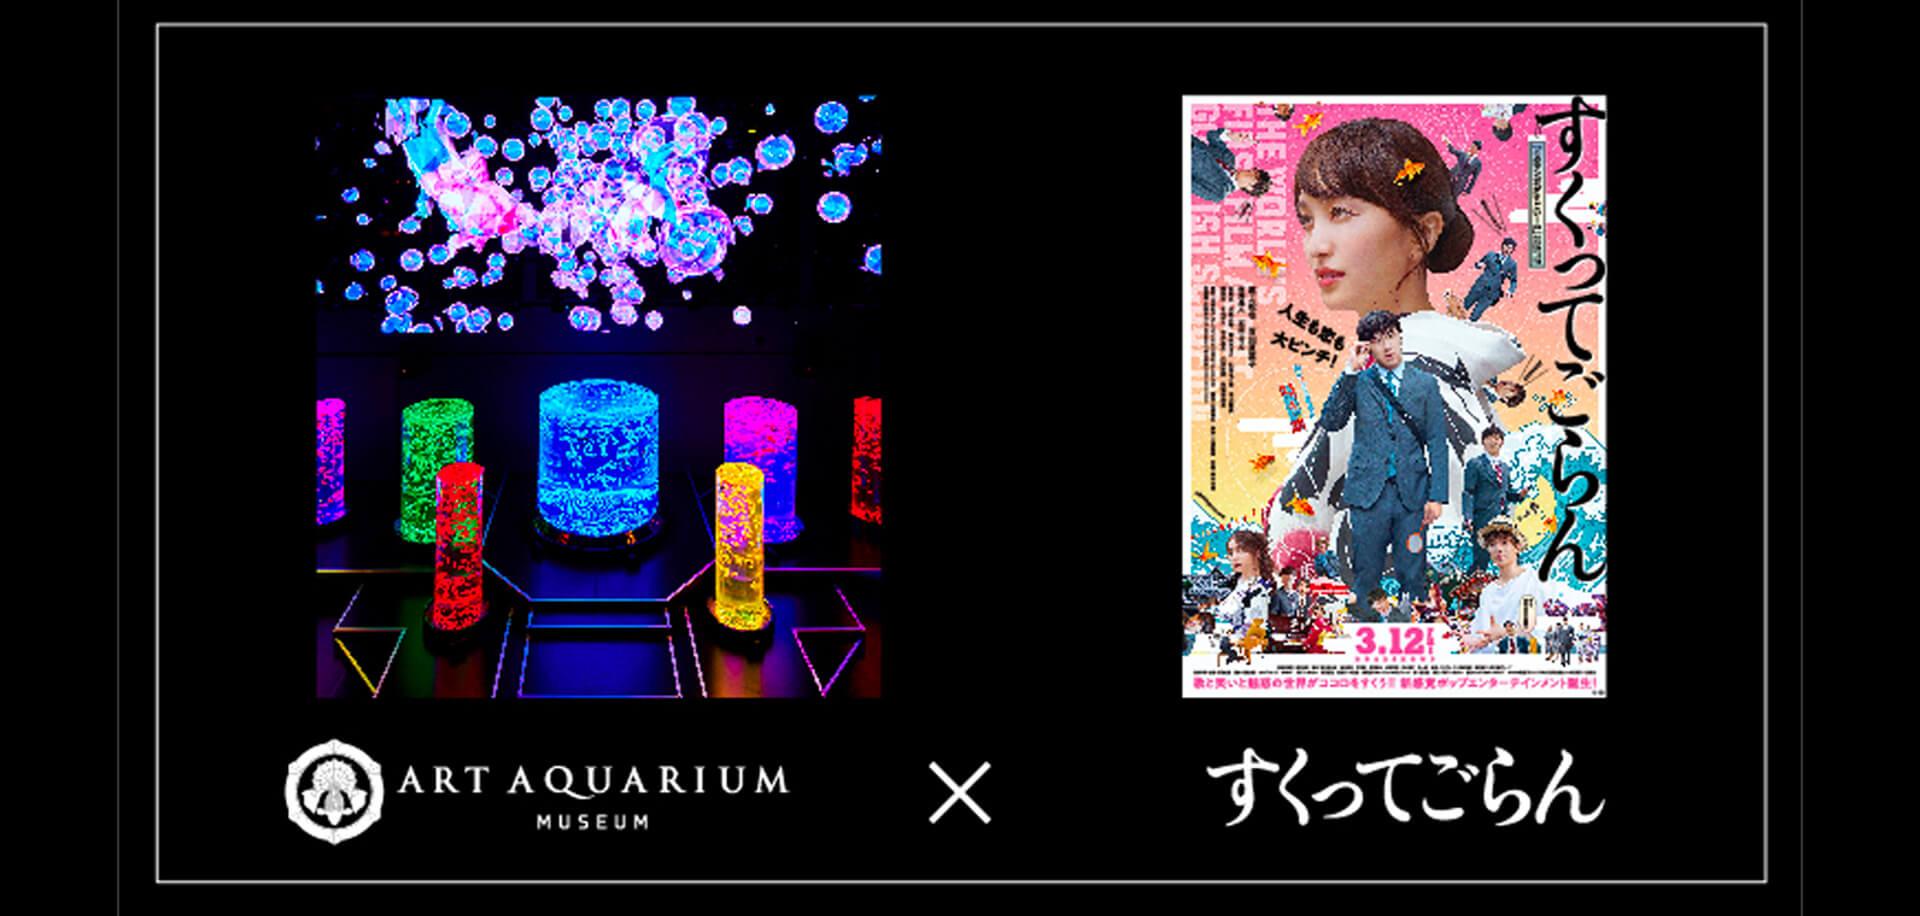 「アートアクアリウム美術館」×映画「すくってごらん」コラボイベント